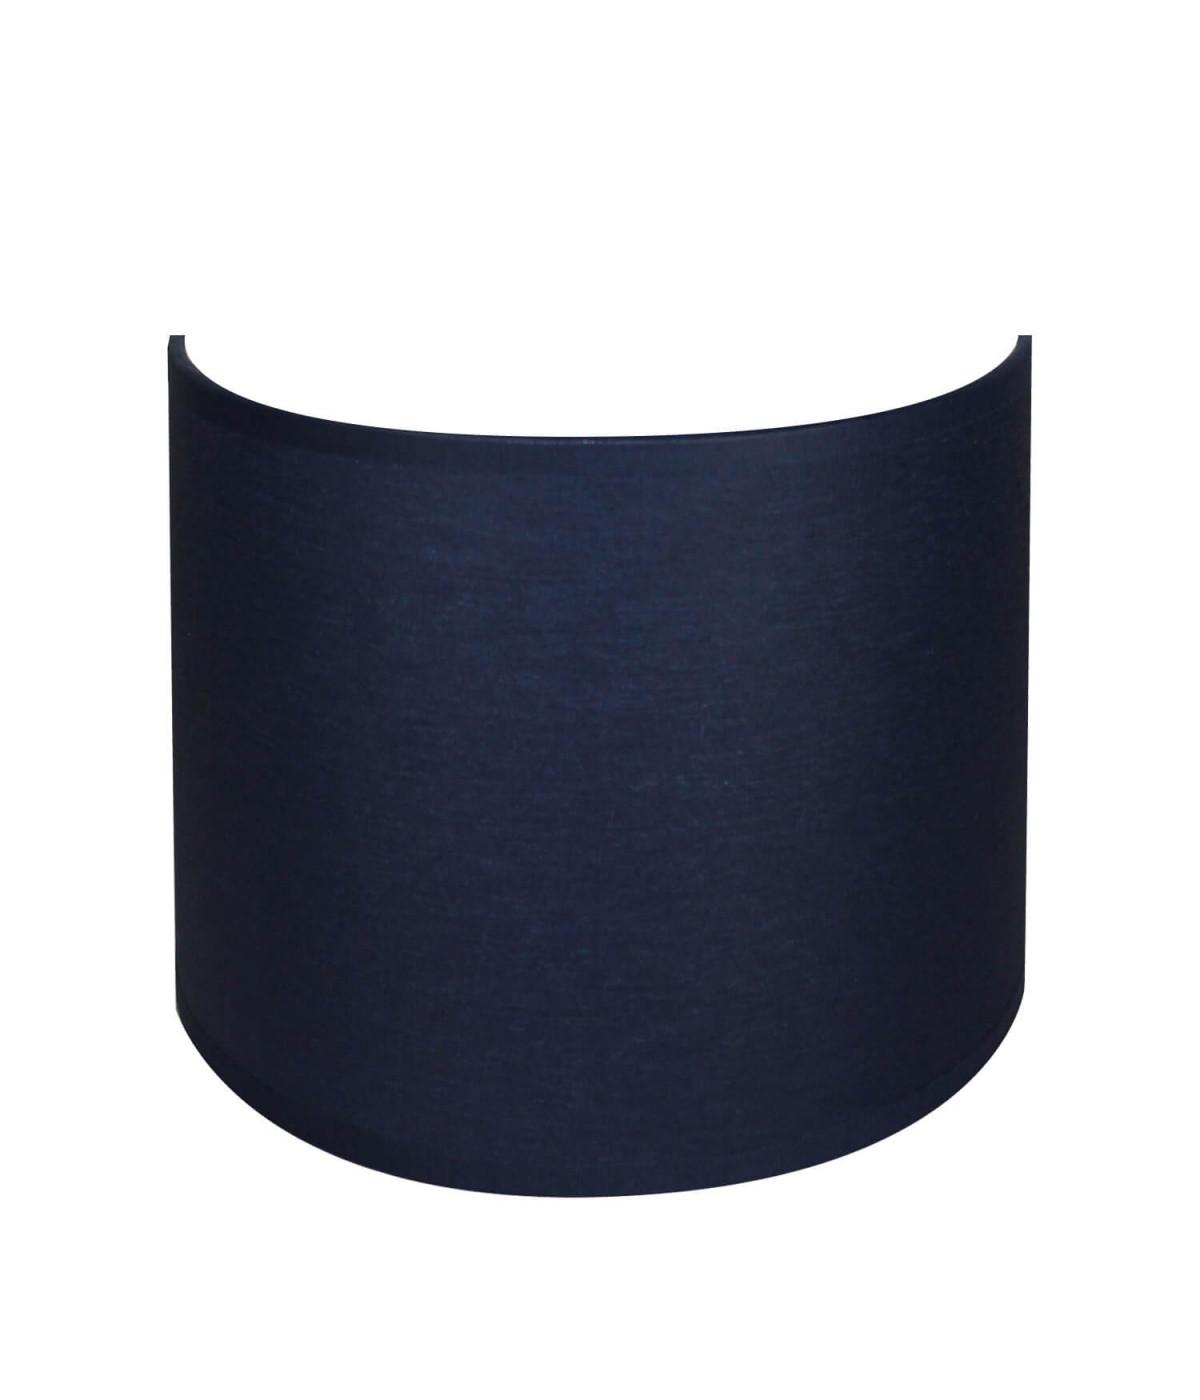 applique ronde bleu marine